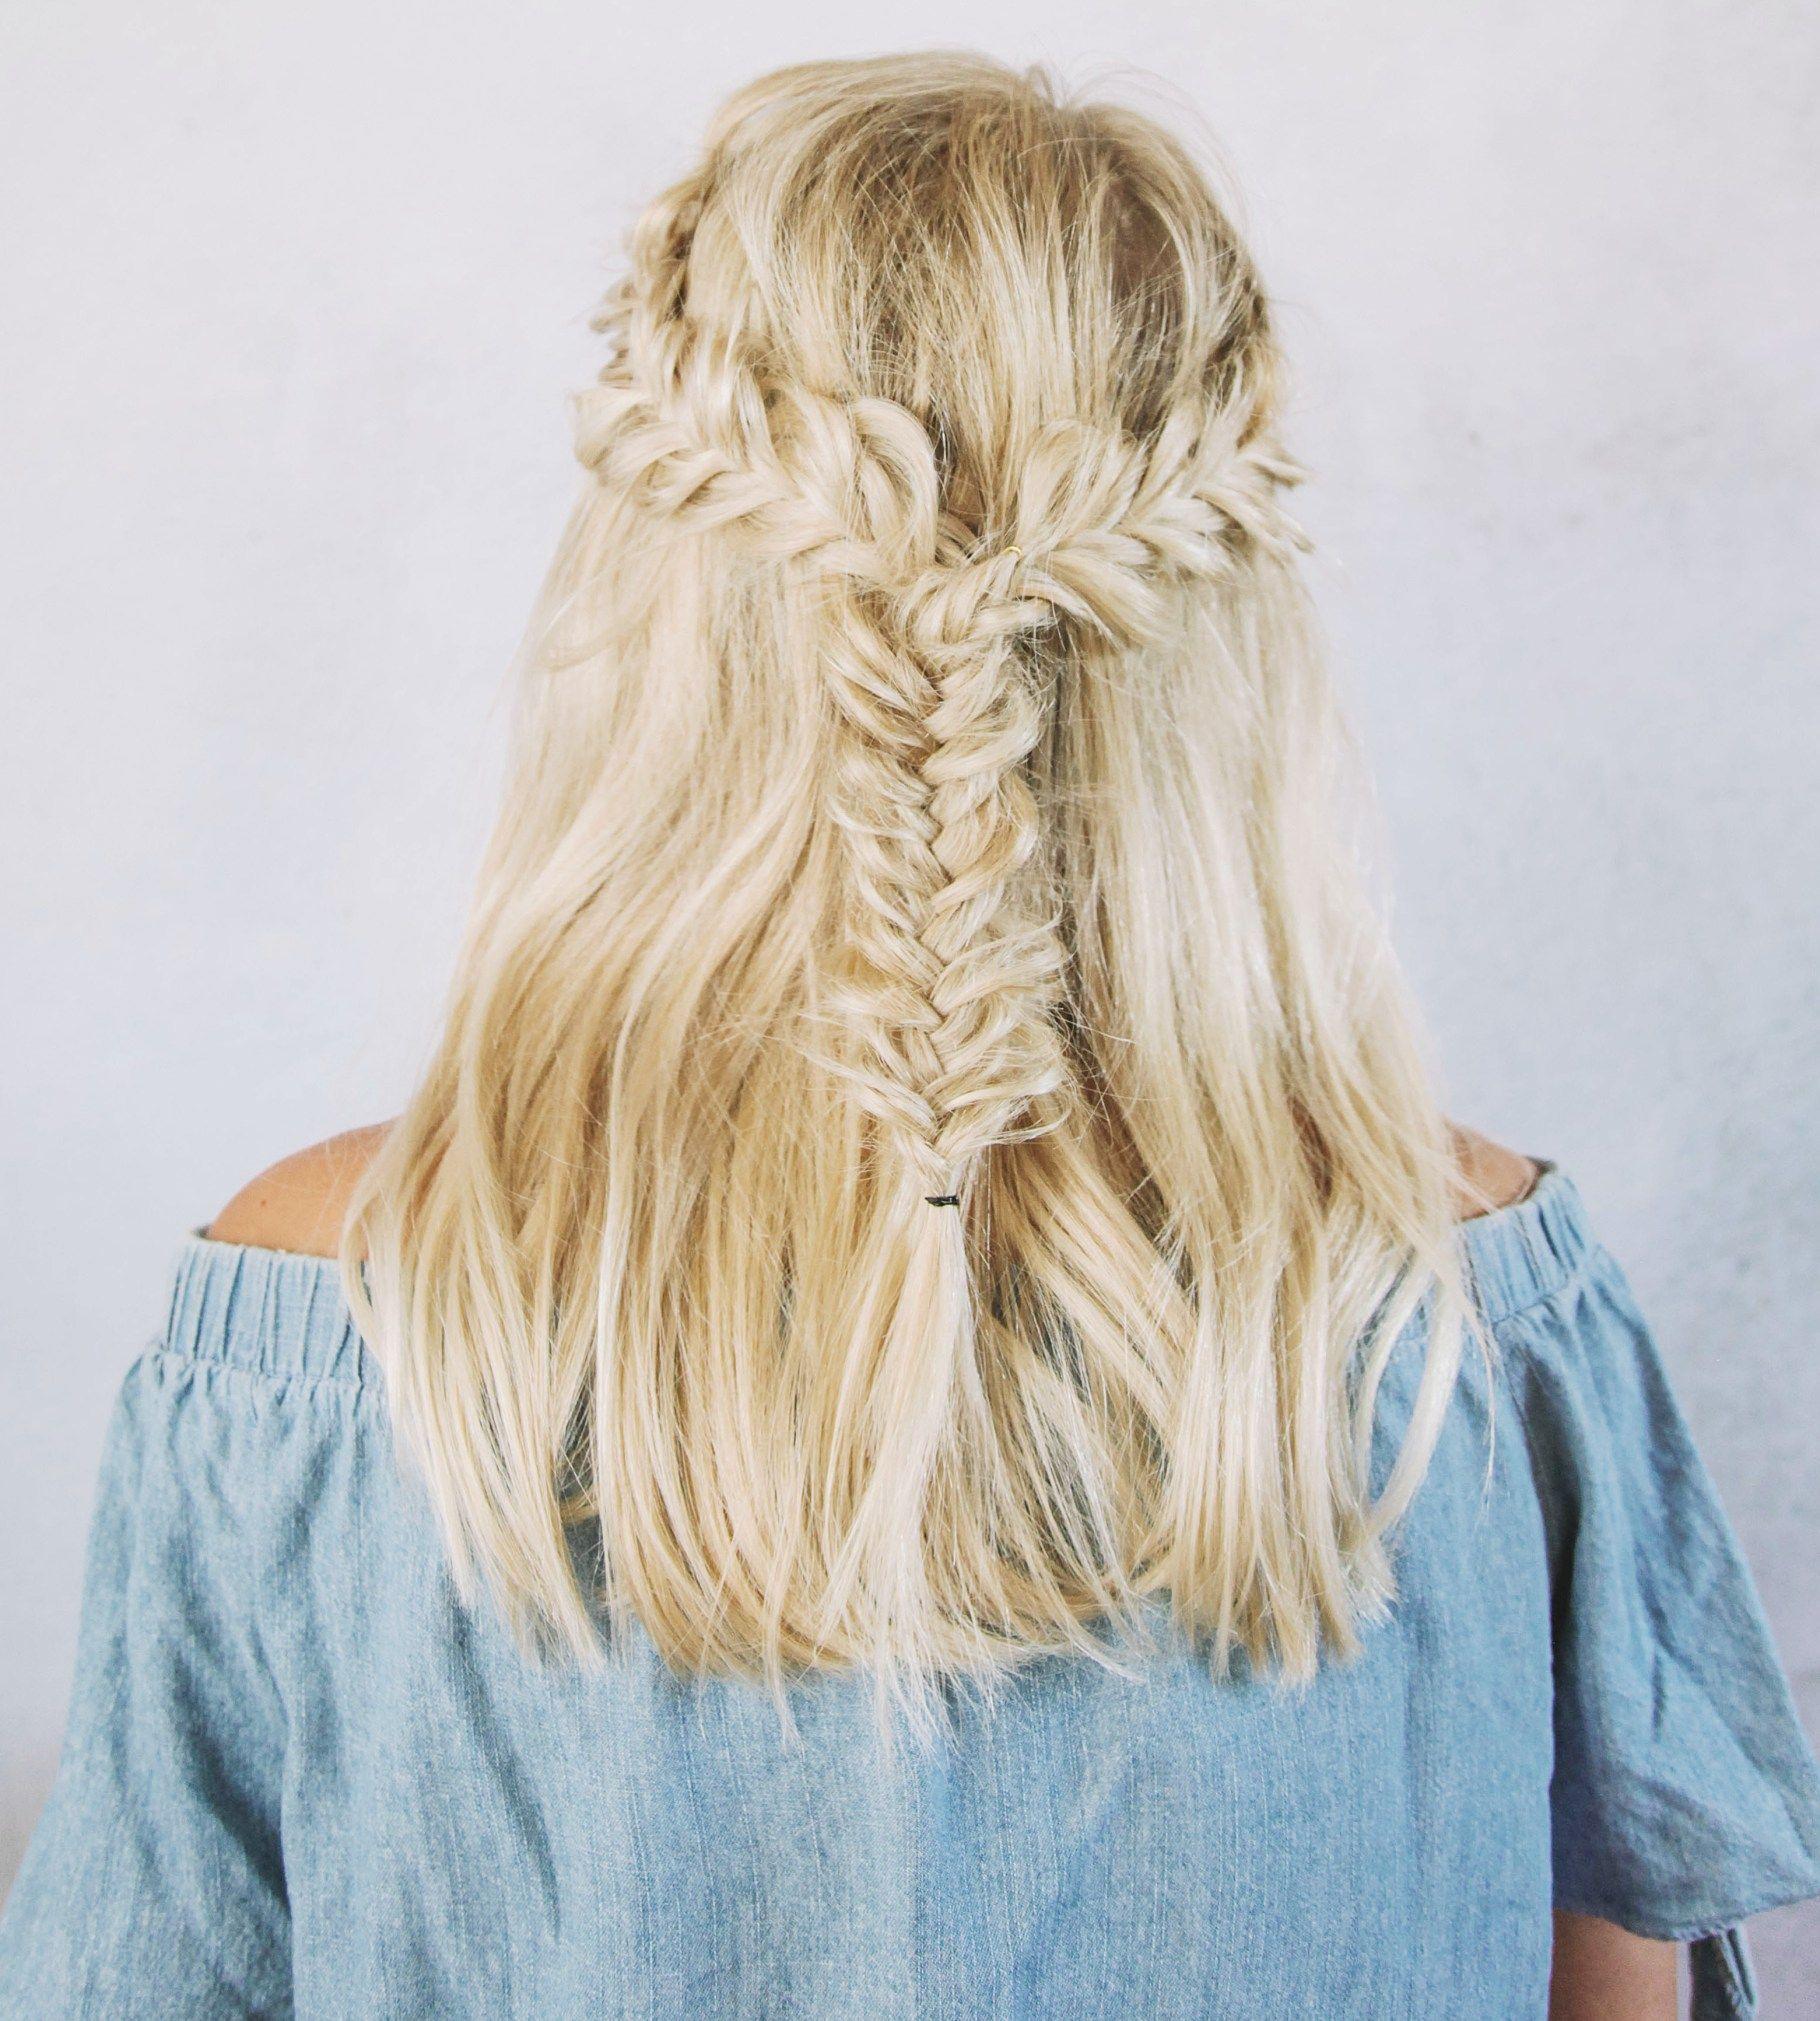 Half Up Fishtail Braids For Short Hair Model Jannayaromich Hair Styles Fishtail Hairstyles Fish Tail Braid